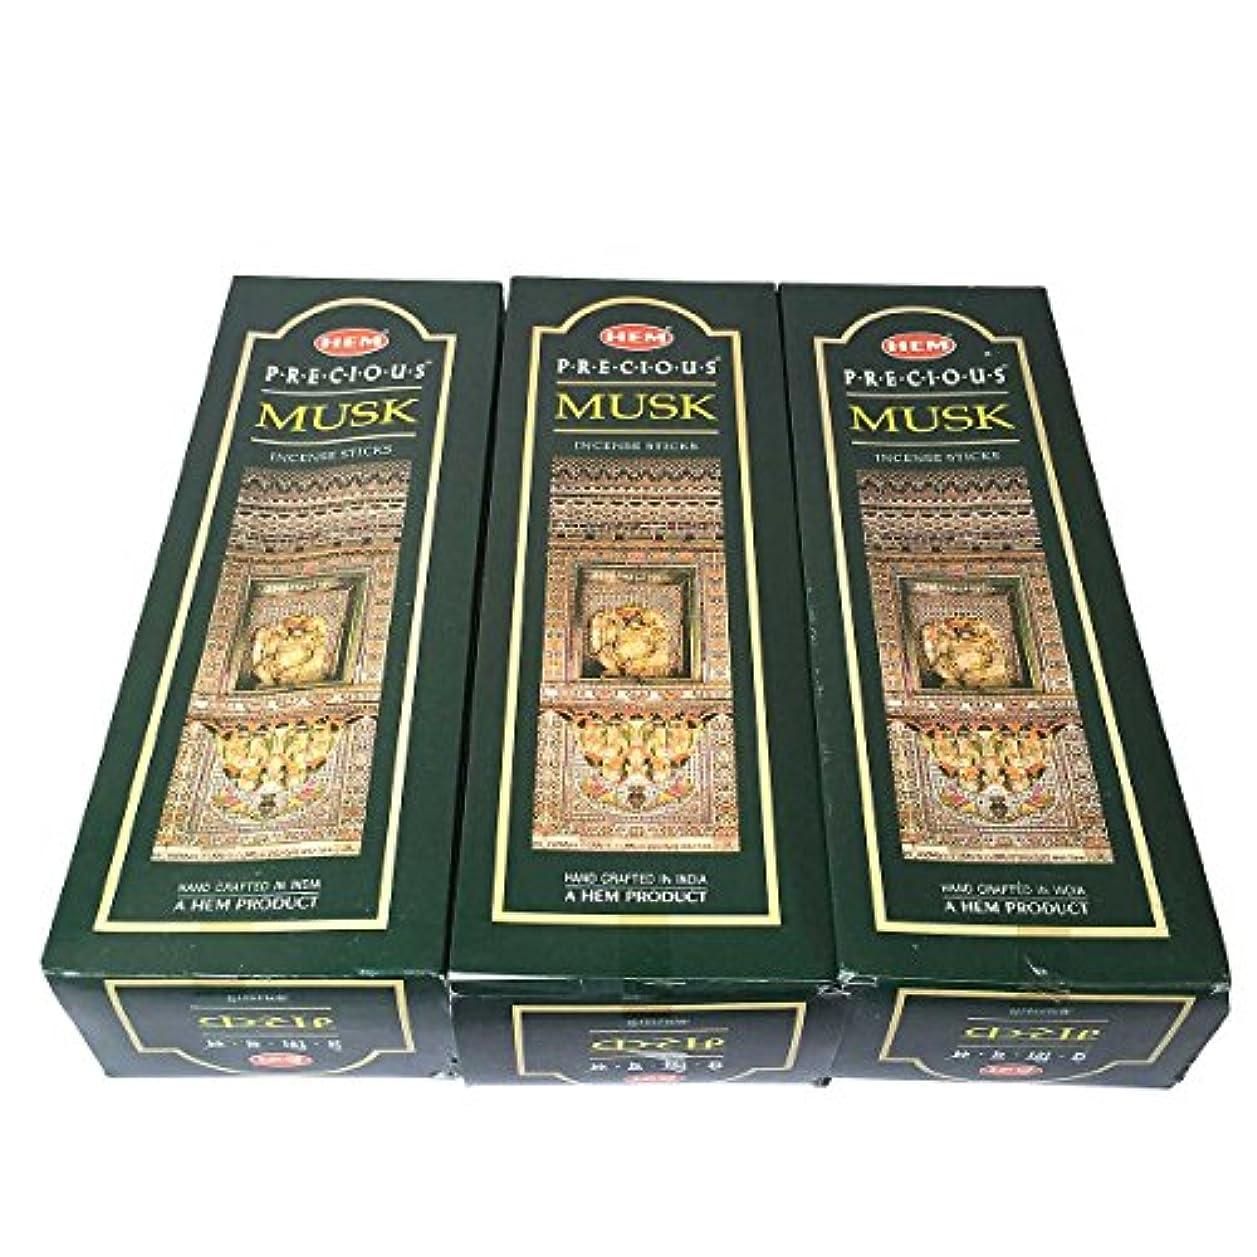 プレシャスムスク香スティック 3BOX(18箱) /HEM PRECIOUS MUSK/インセンス/インド香 お香 [並行輸入品]